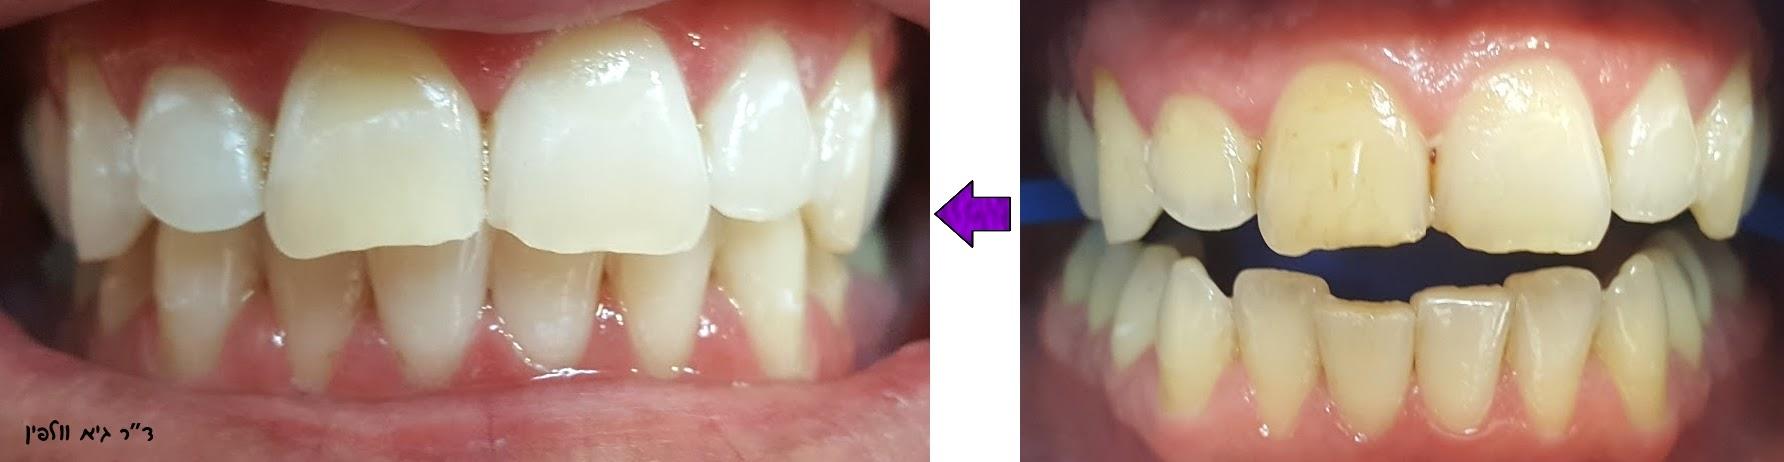 רפואת שיניים - אסתטיקה דנטלית - ד''ר גיא וולפין - הלבנת שיניים תוך שעה במרפאה